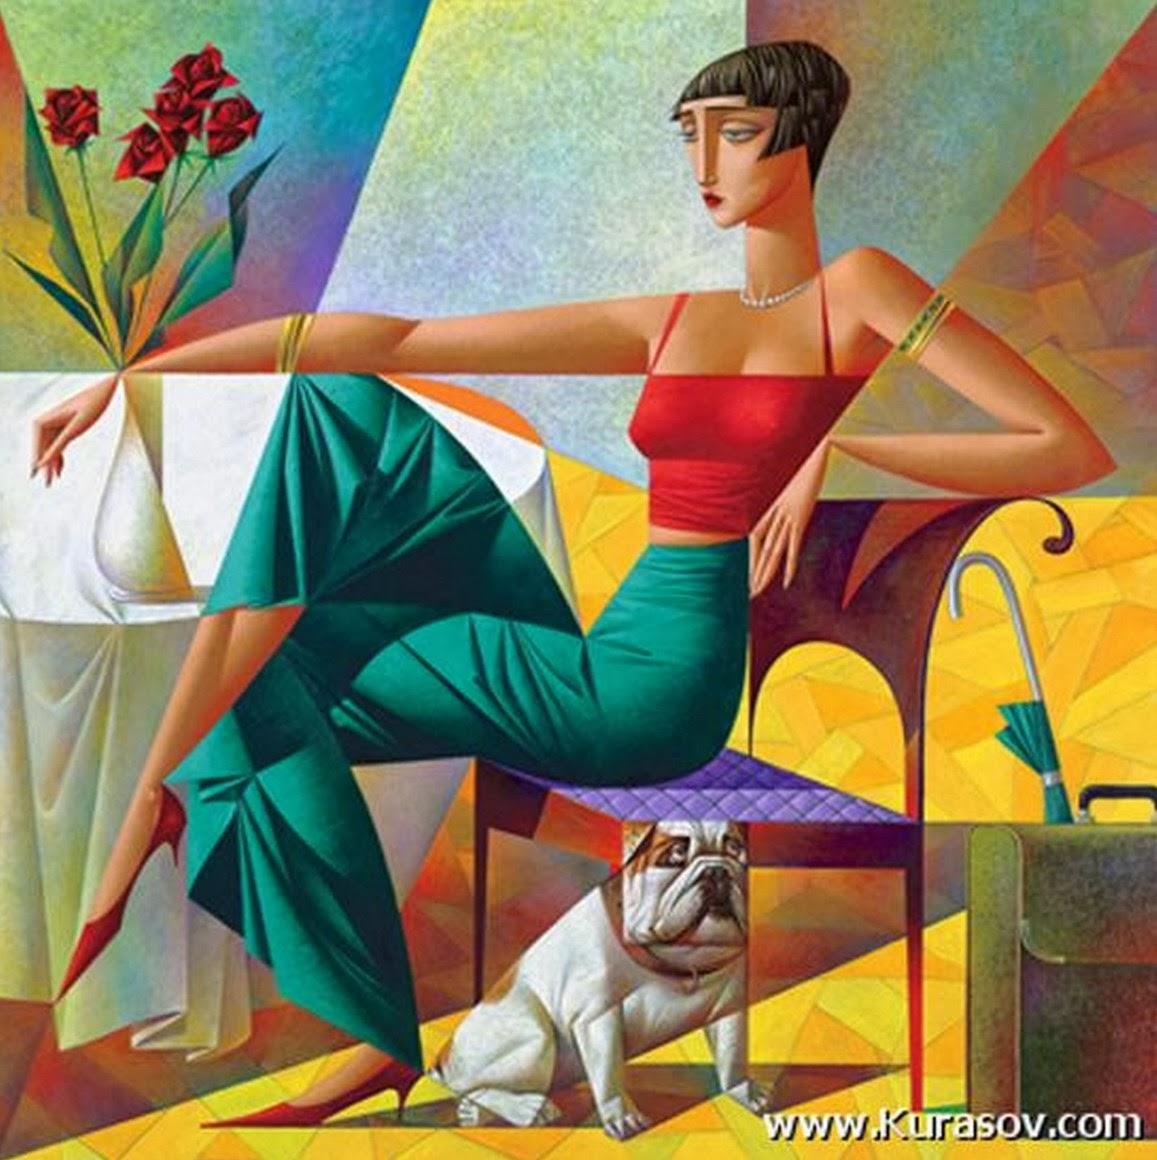 Galeria Pinturas De Arte: Cuadros Modernos Pinturas Y Dibujos : Cubismo Pinturas